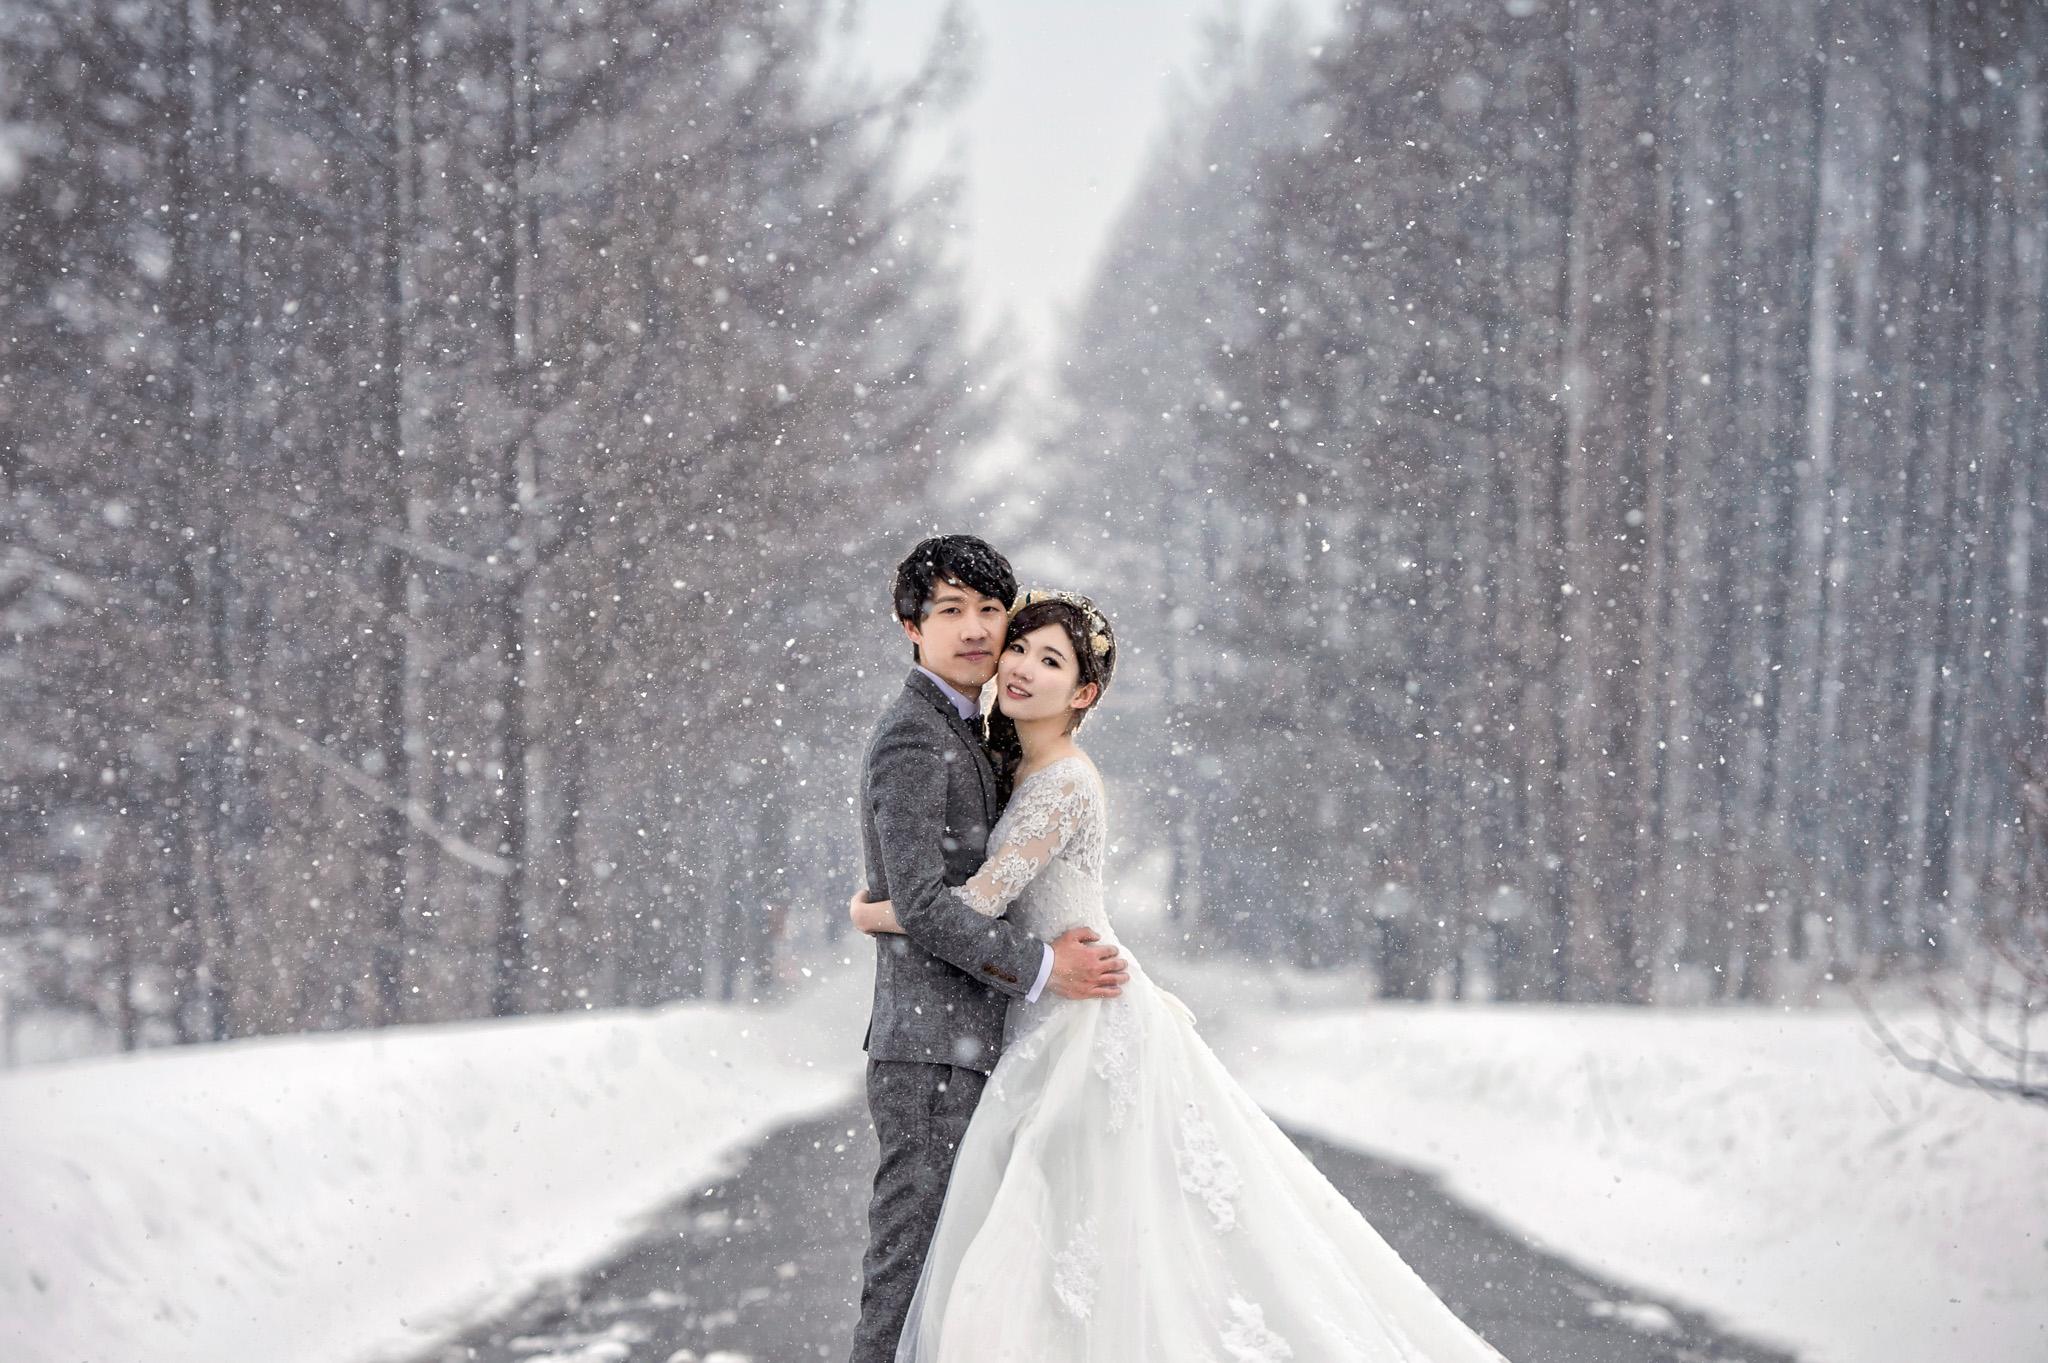 2018年 海外婚紗招募中